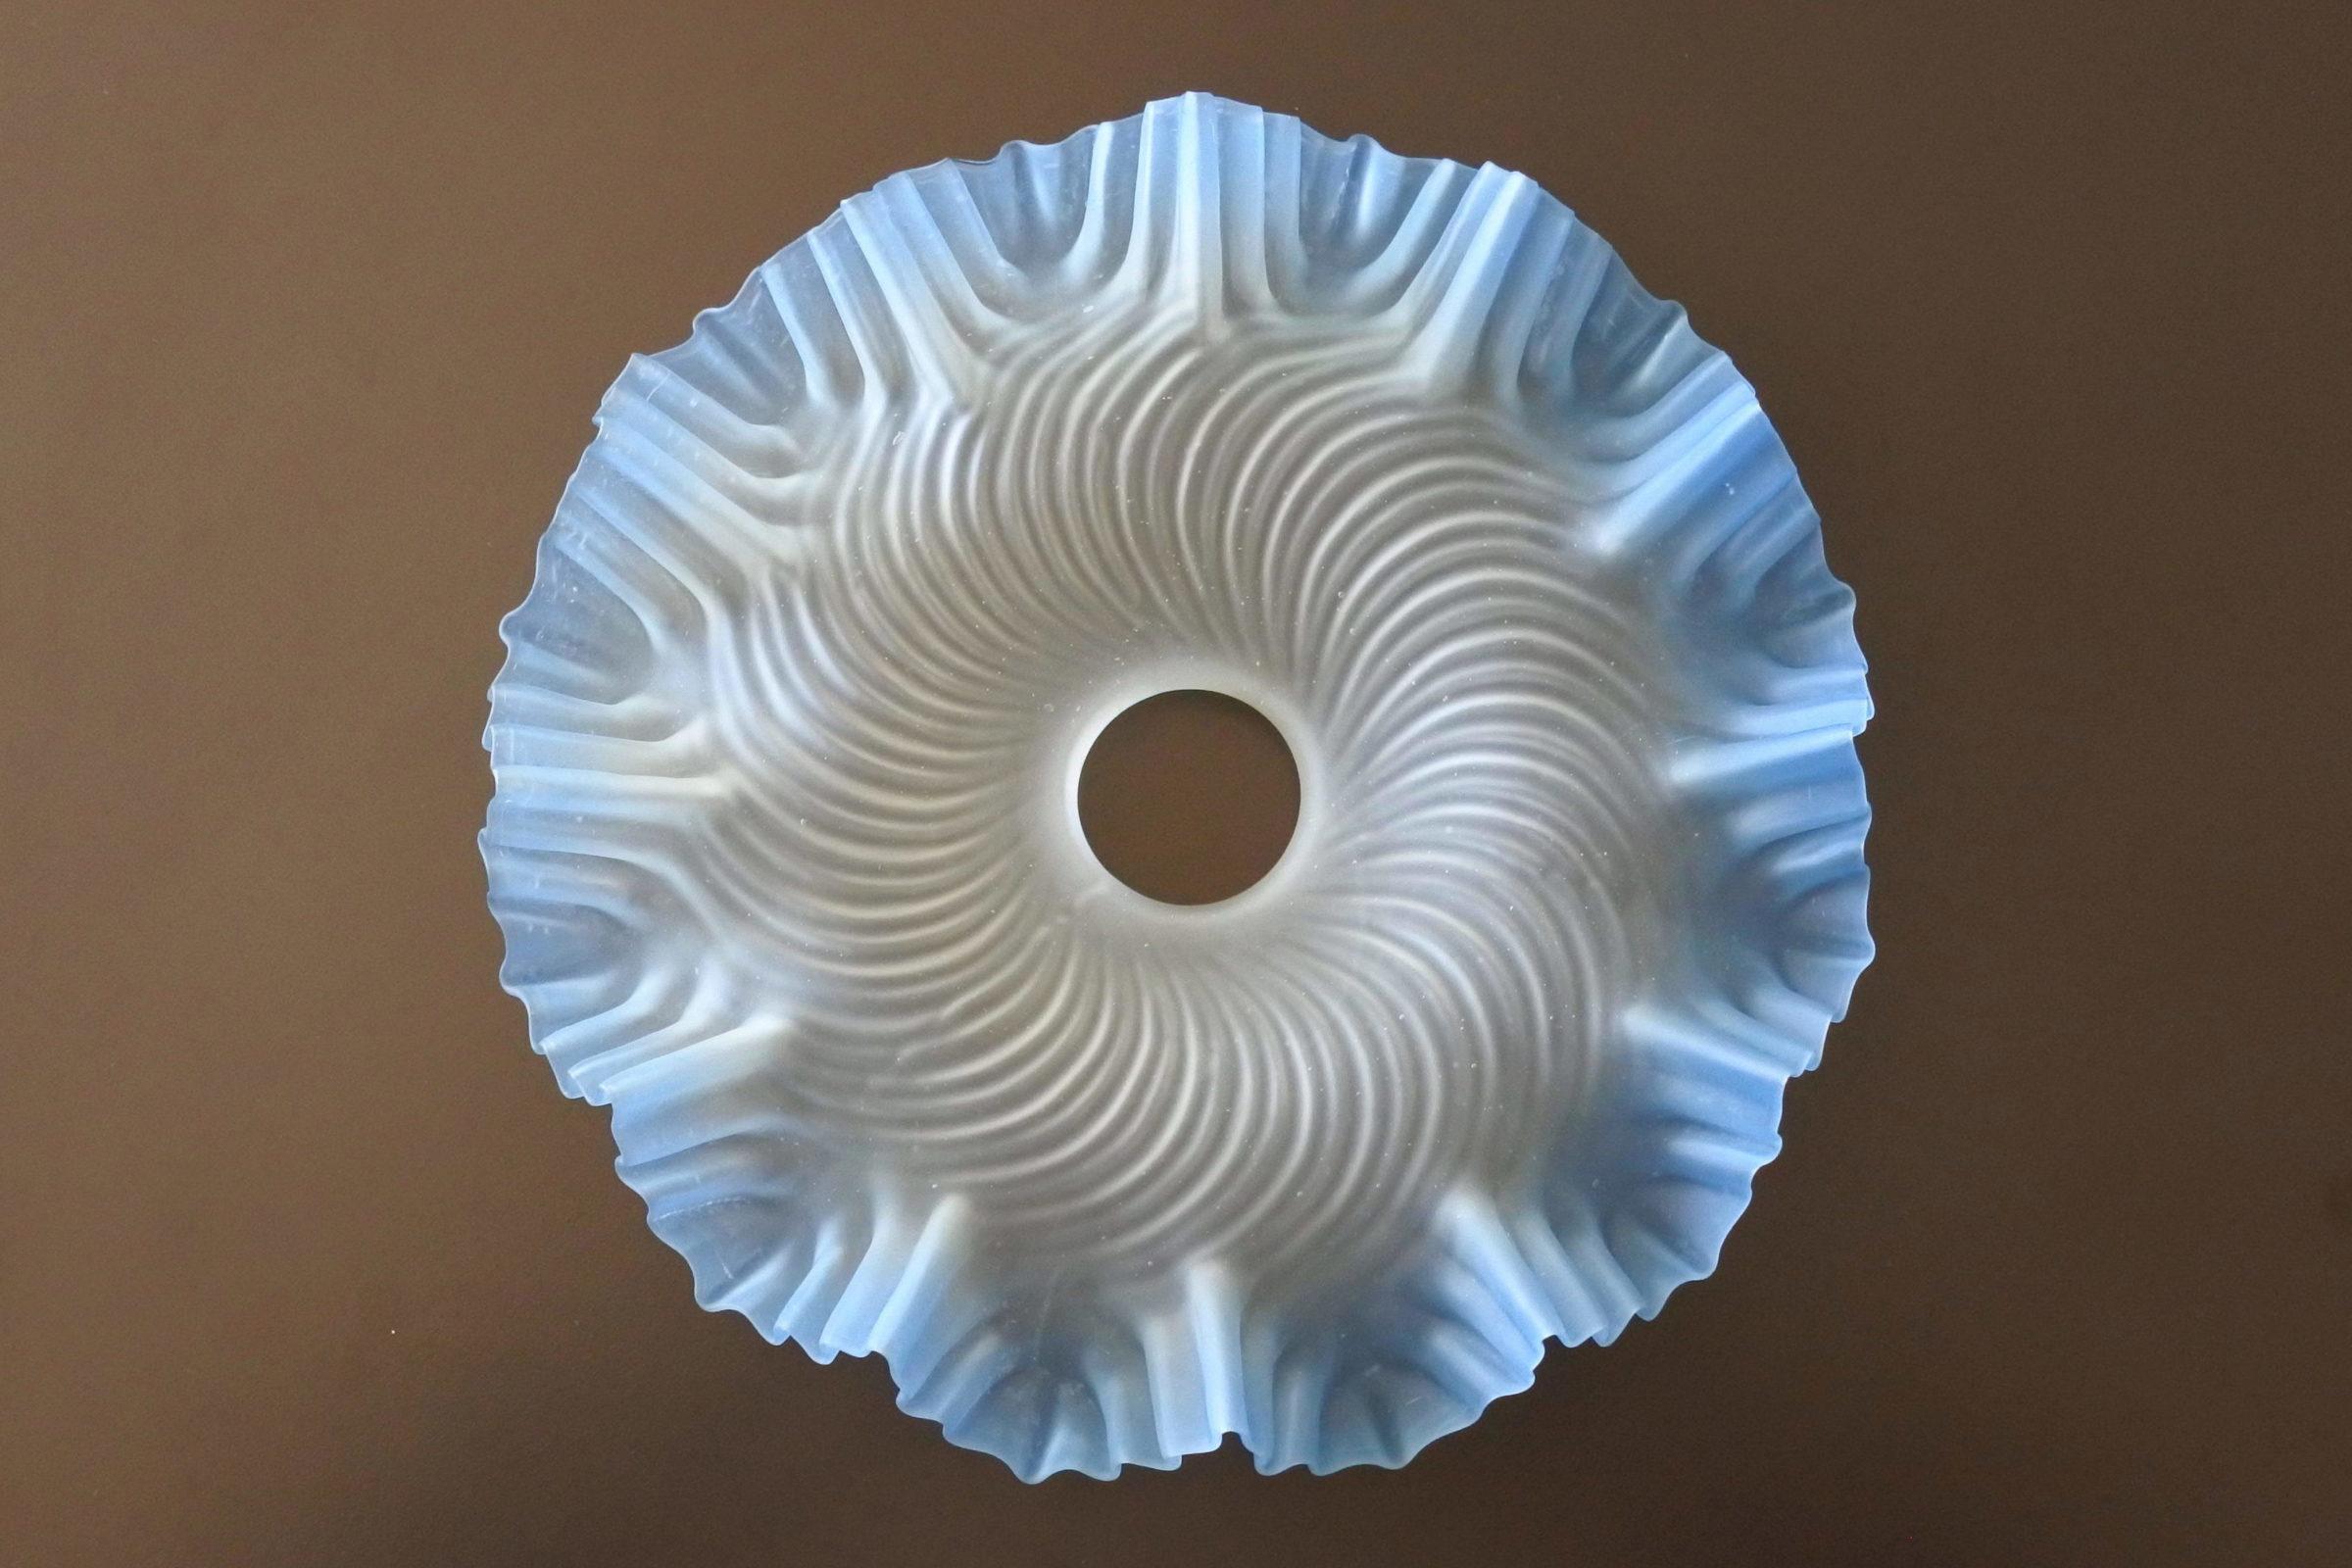 Vetro satinato con smerli azzurri per lampada a sospensione - 2